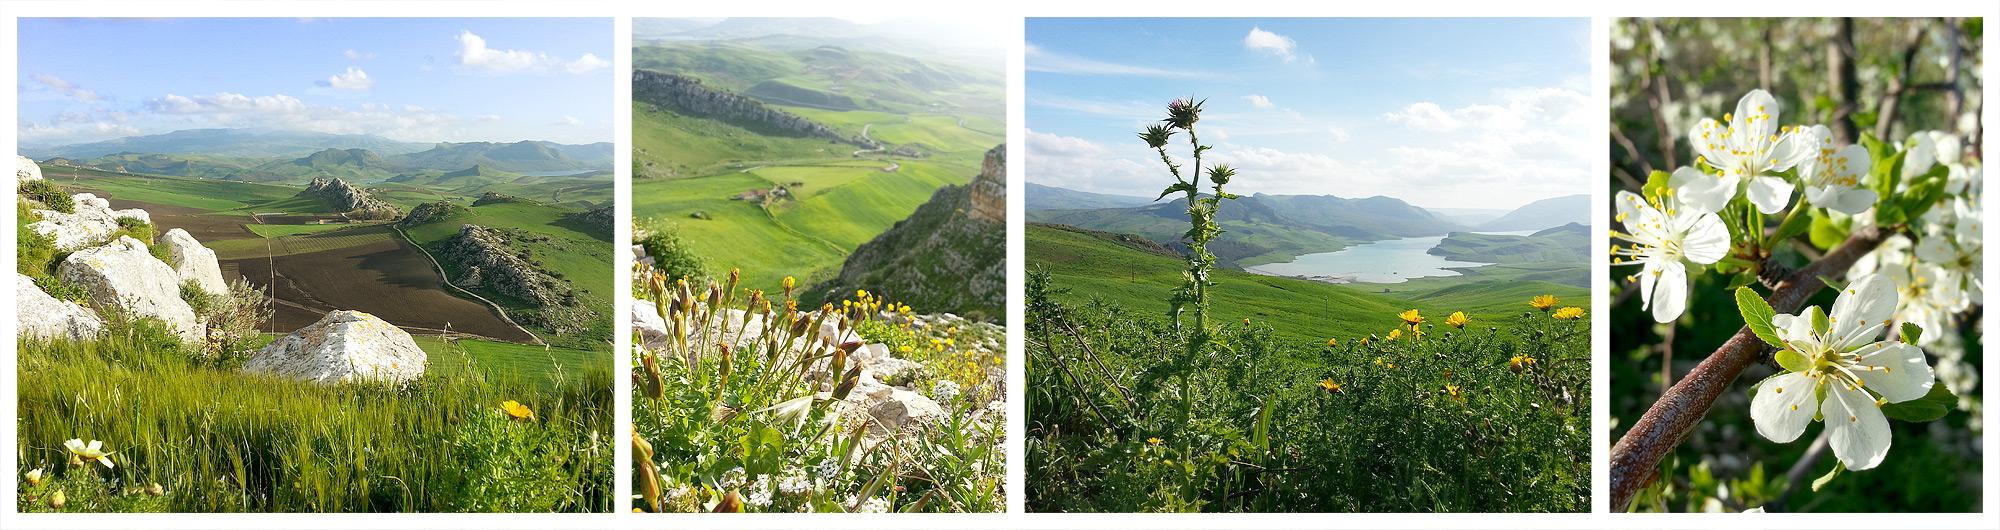 In April Sicily is still very green.